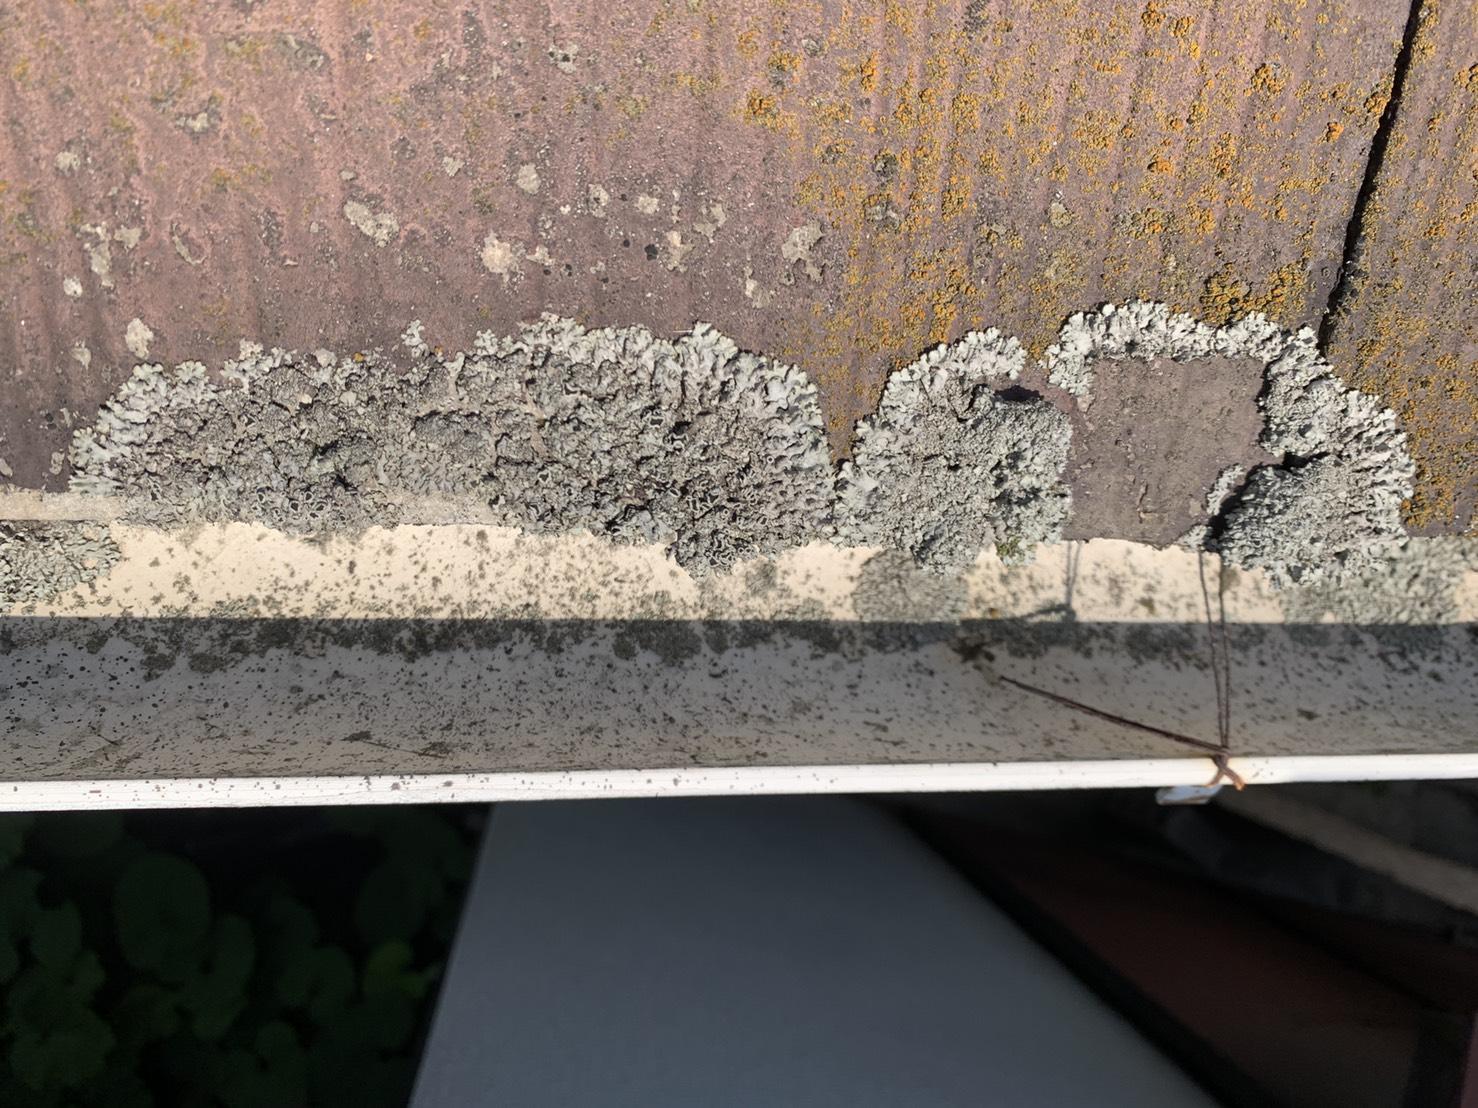 加古川市での屋根診断でスレート屋根に苔が繁殖している様子